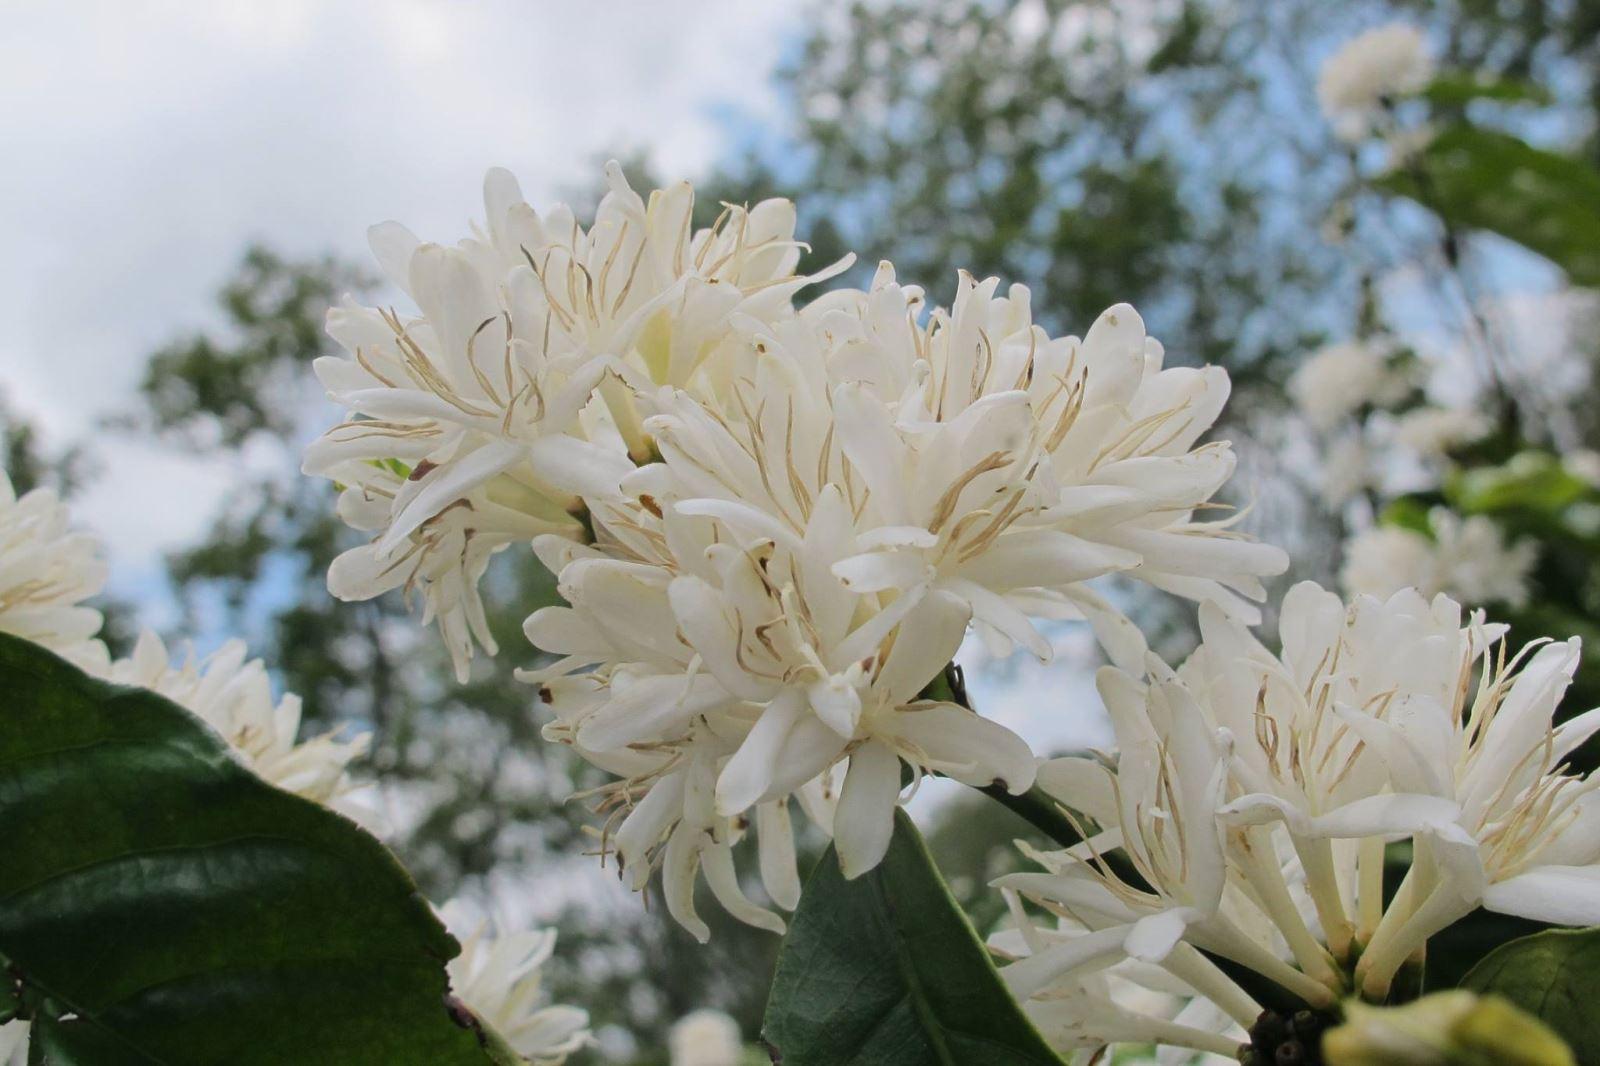 Hình ảnh đẹp nhất vè hoa cà phê